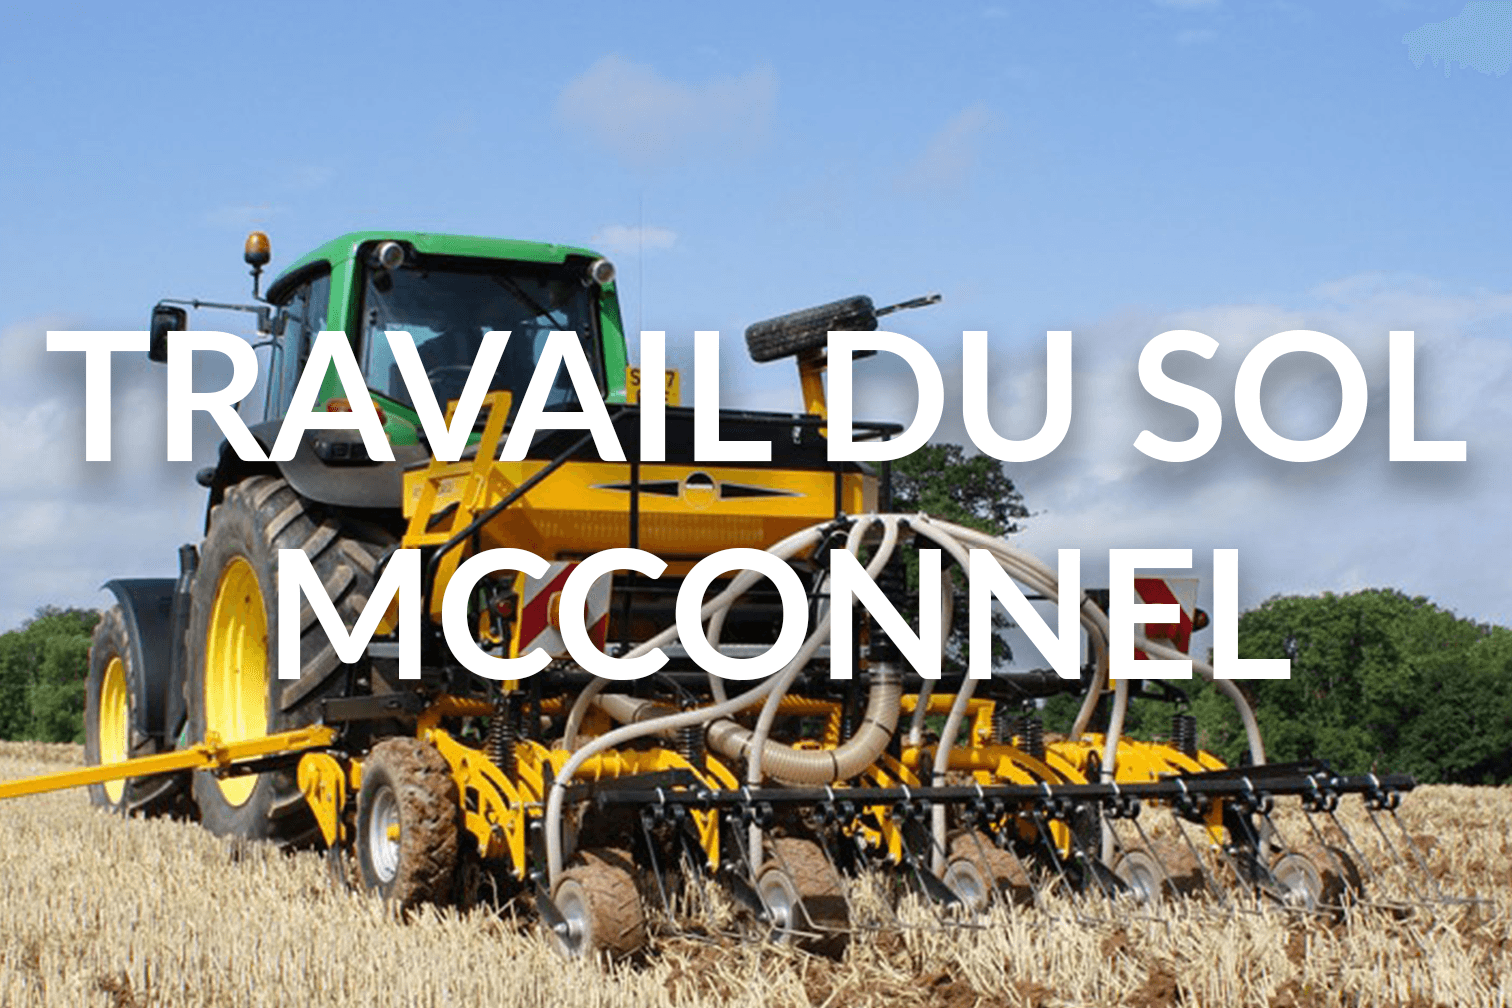 Travail du sol McConnel